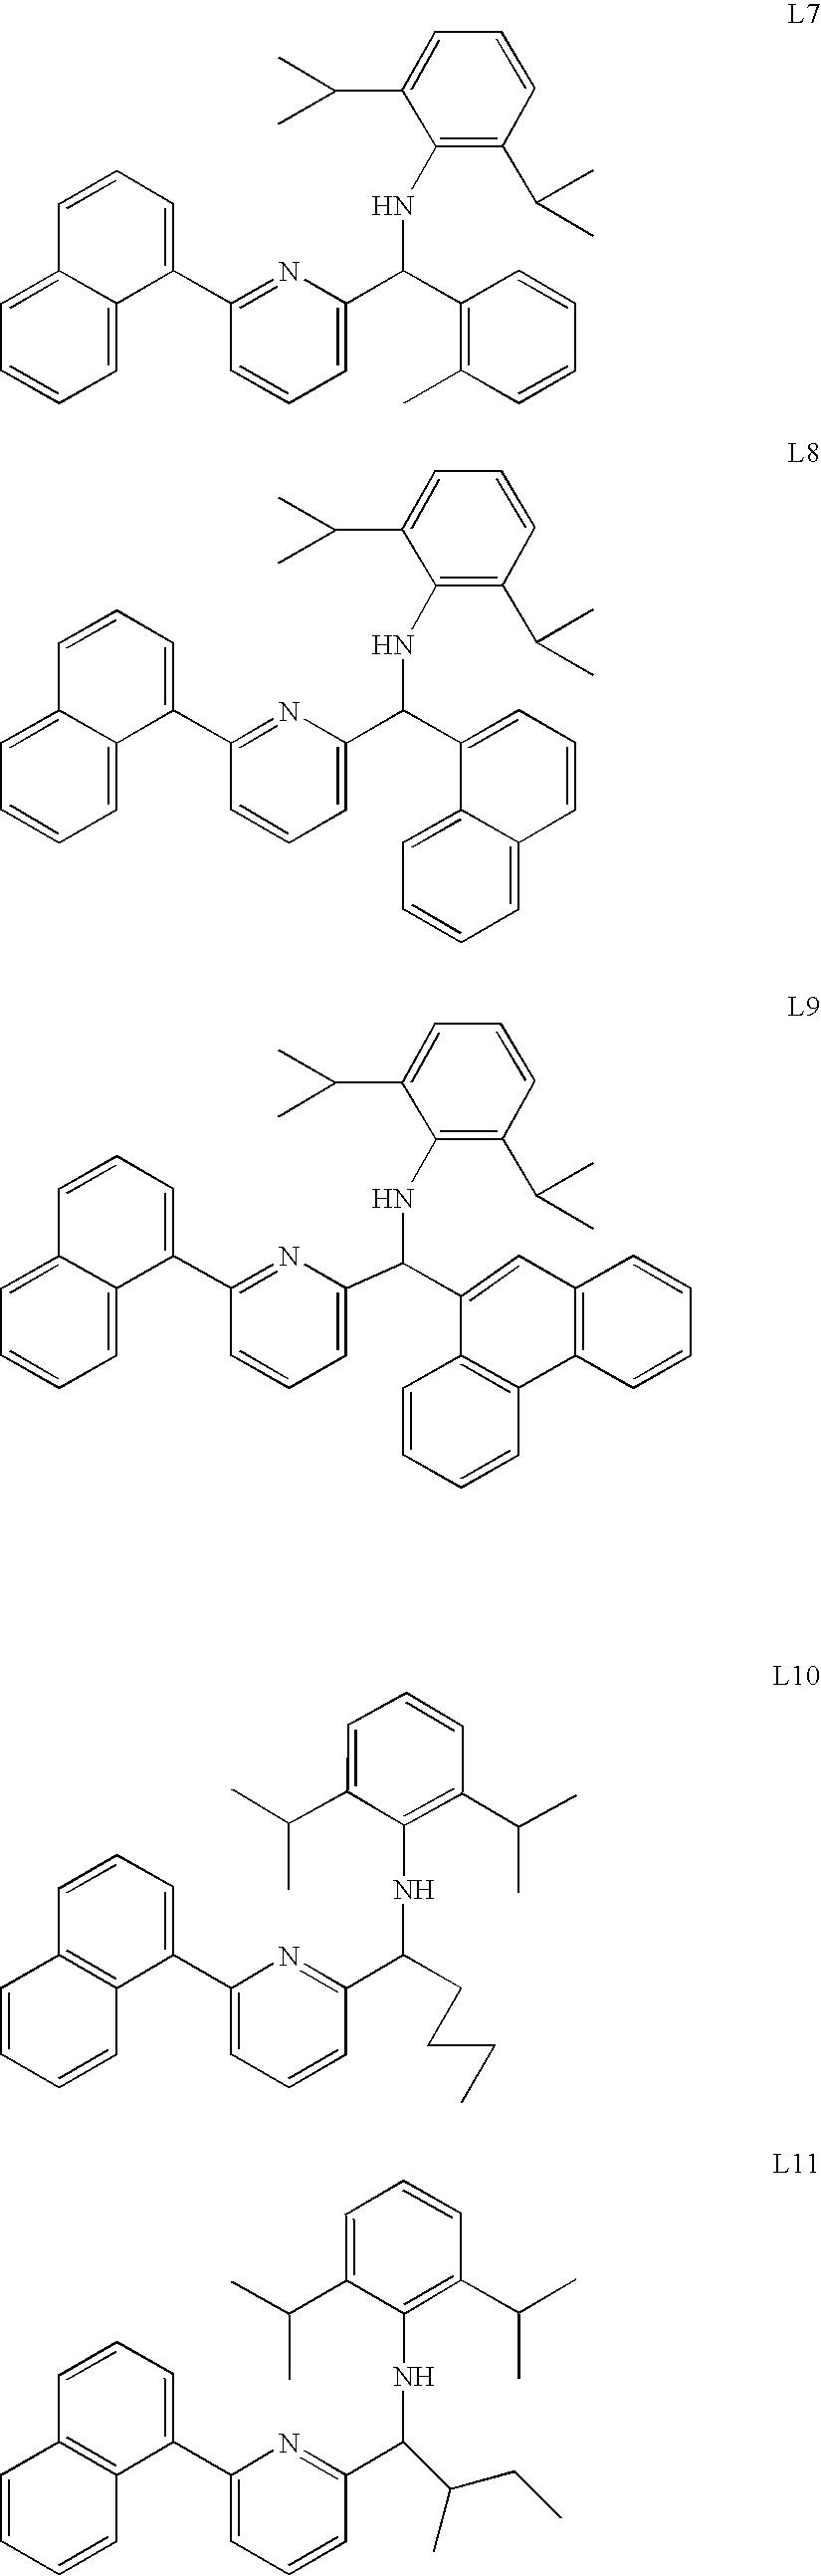 Figure US06900321-20050531-C00073